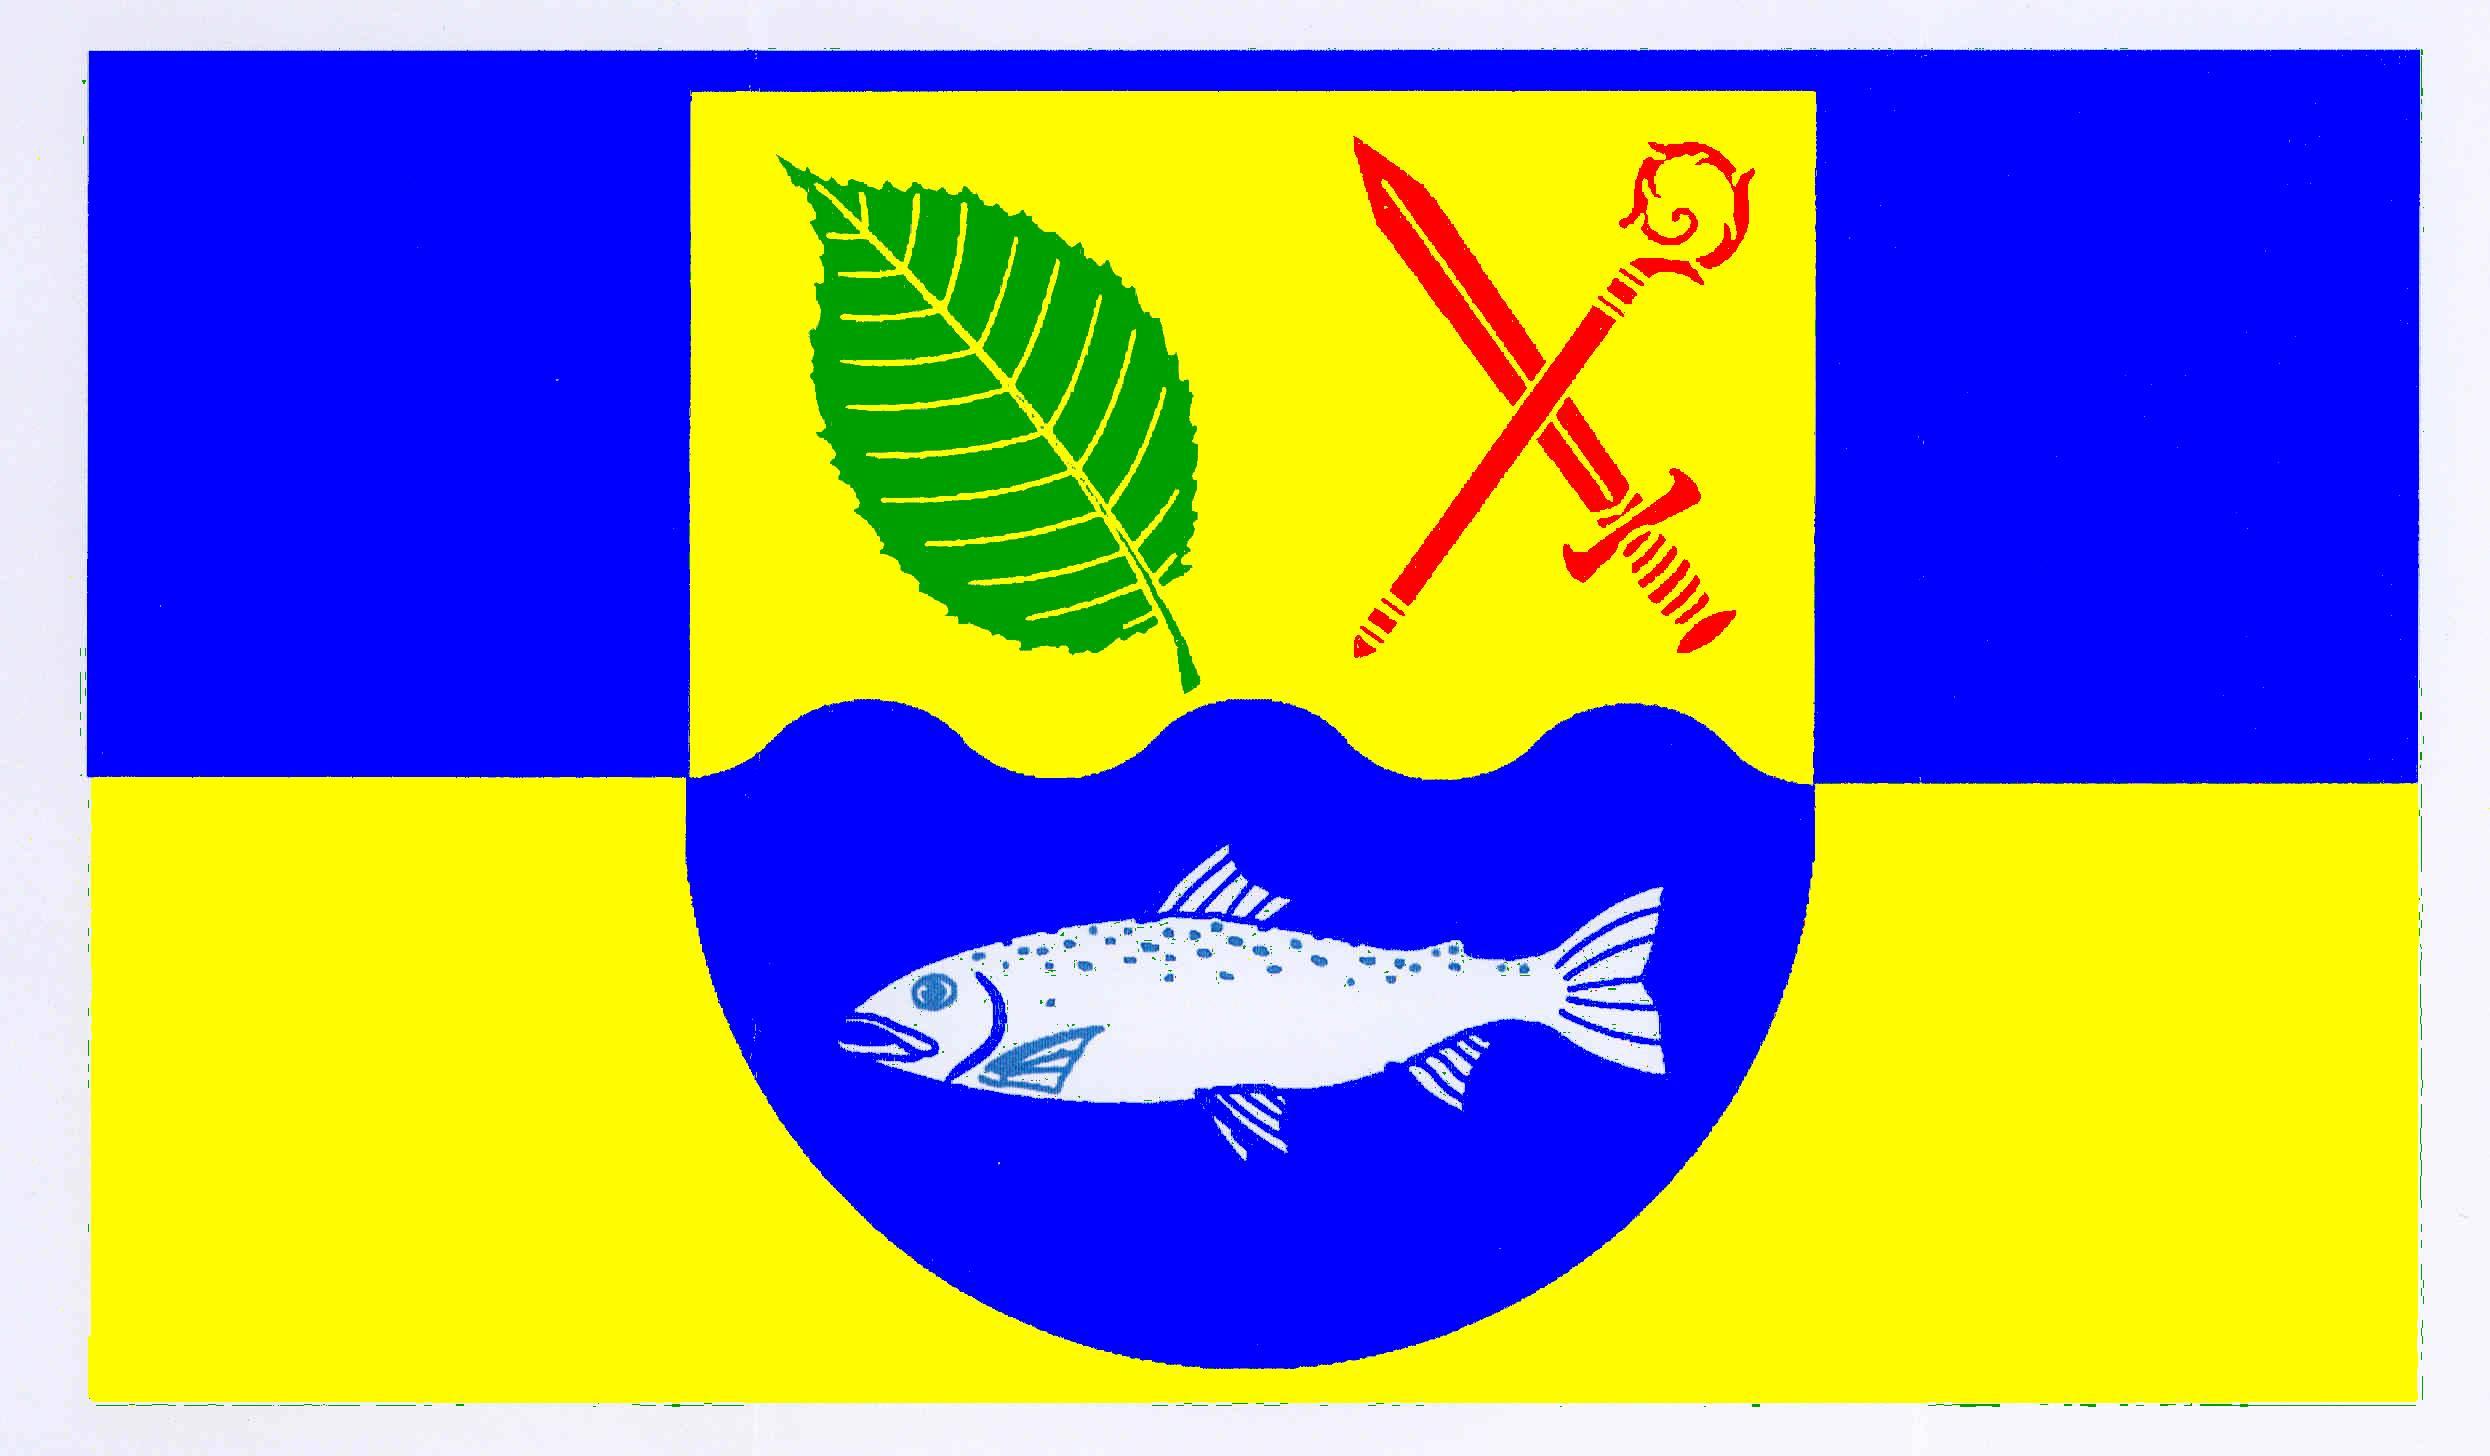 Flagge GemeindeElmenhorst, Kreis Stormarn